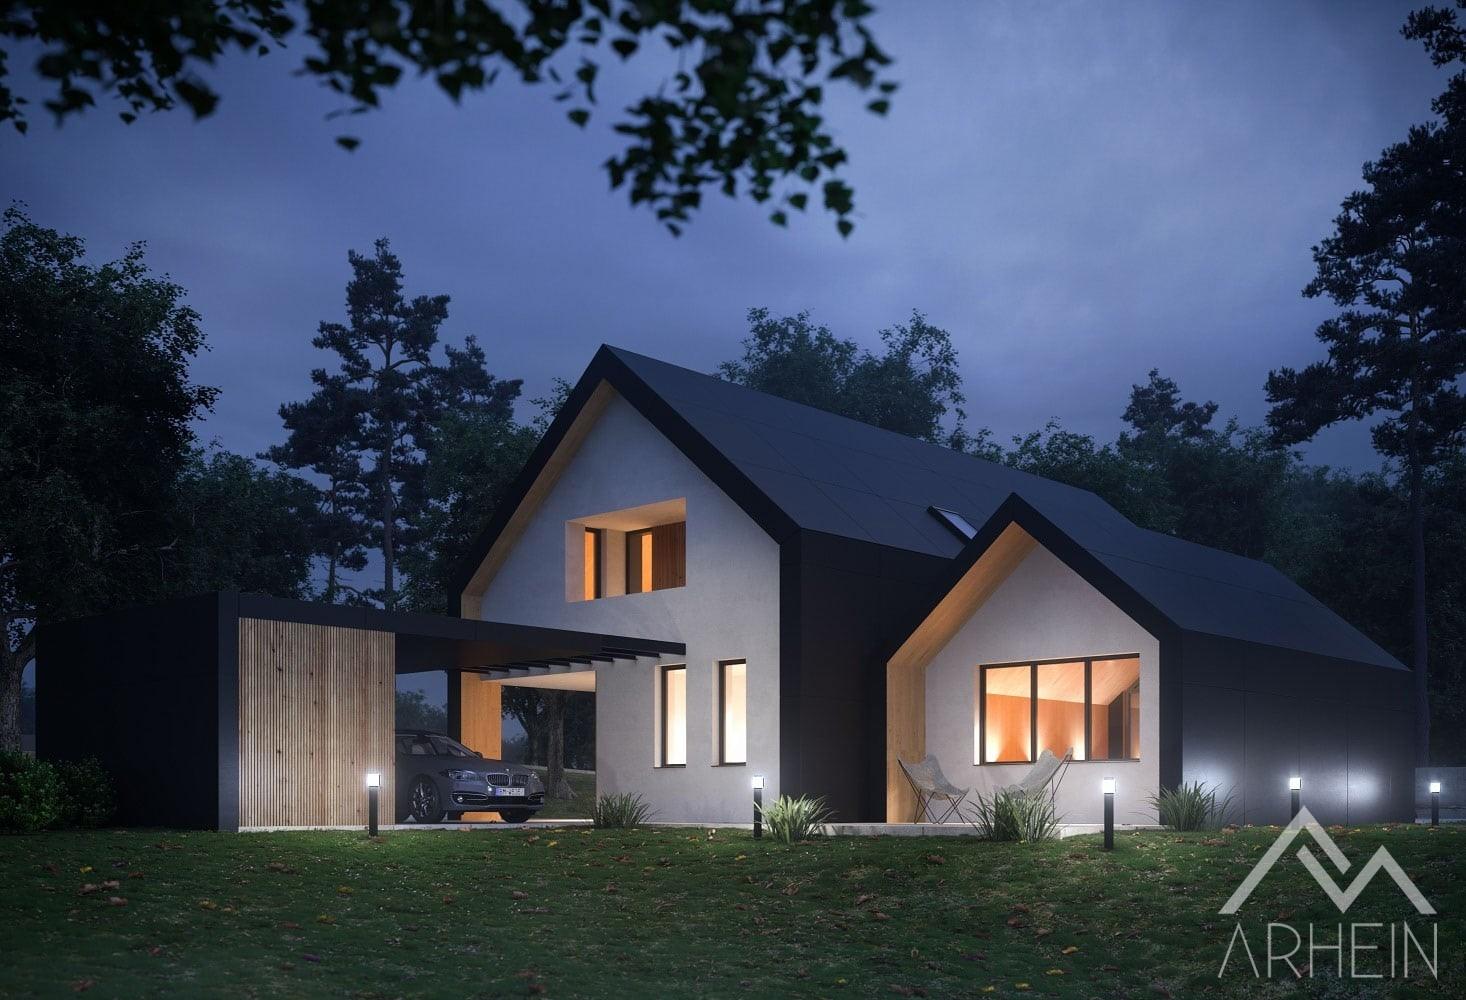 arhein-arhitektura-projekti-Hisa-S-Paviljonom-1